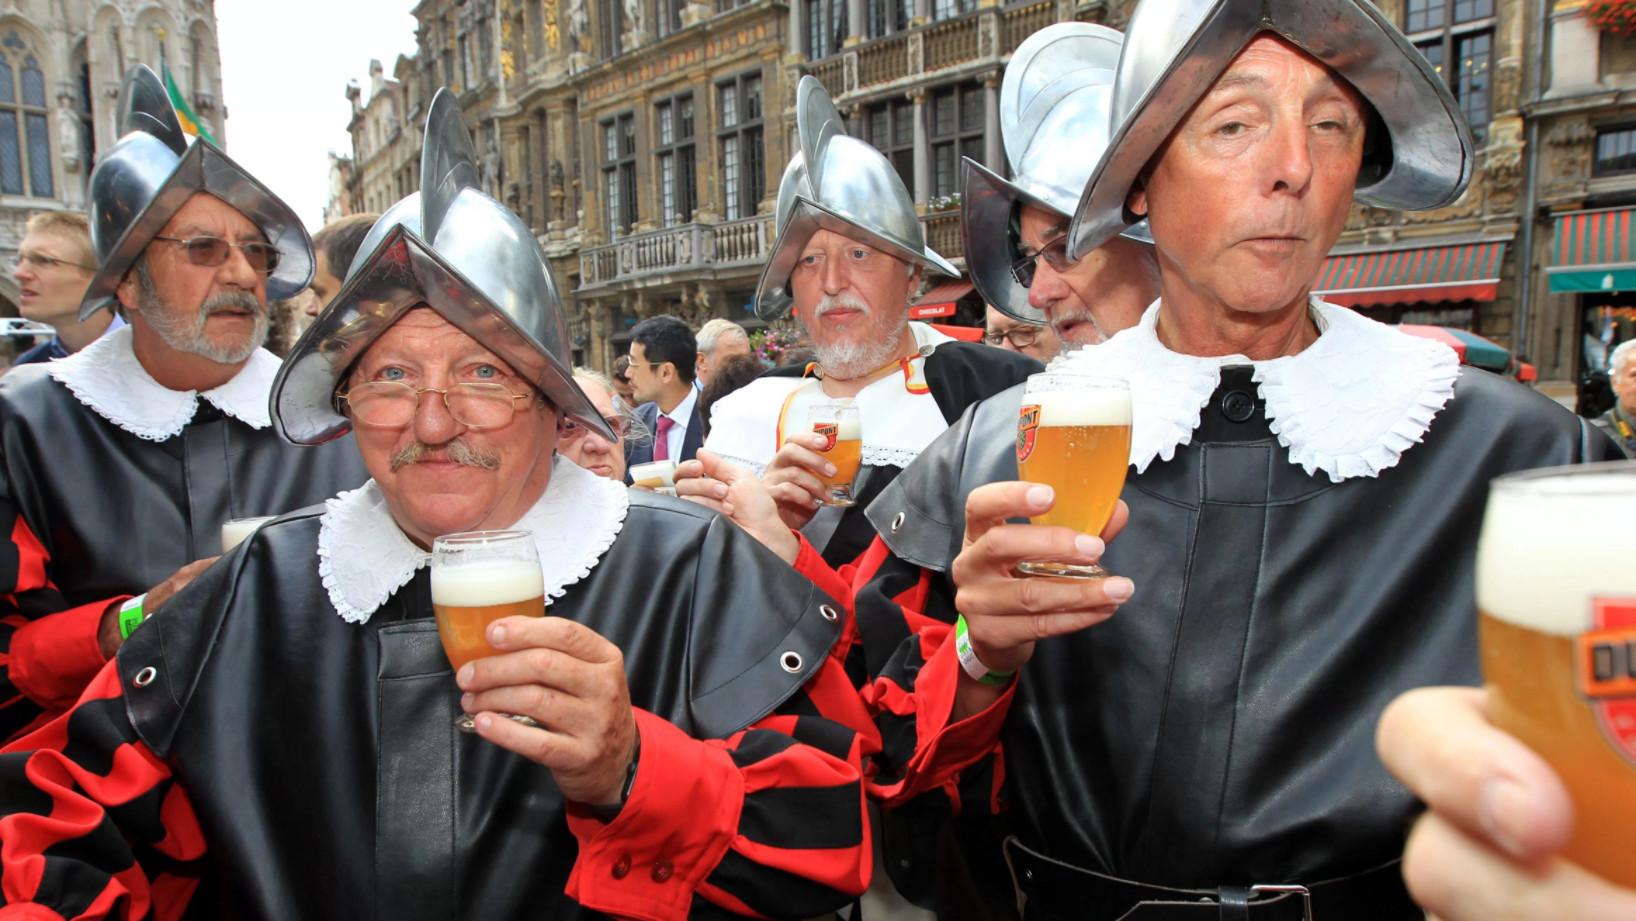 Бельгийские мужчины в костюмах и с пивом